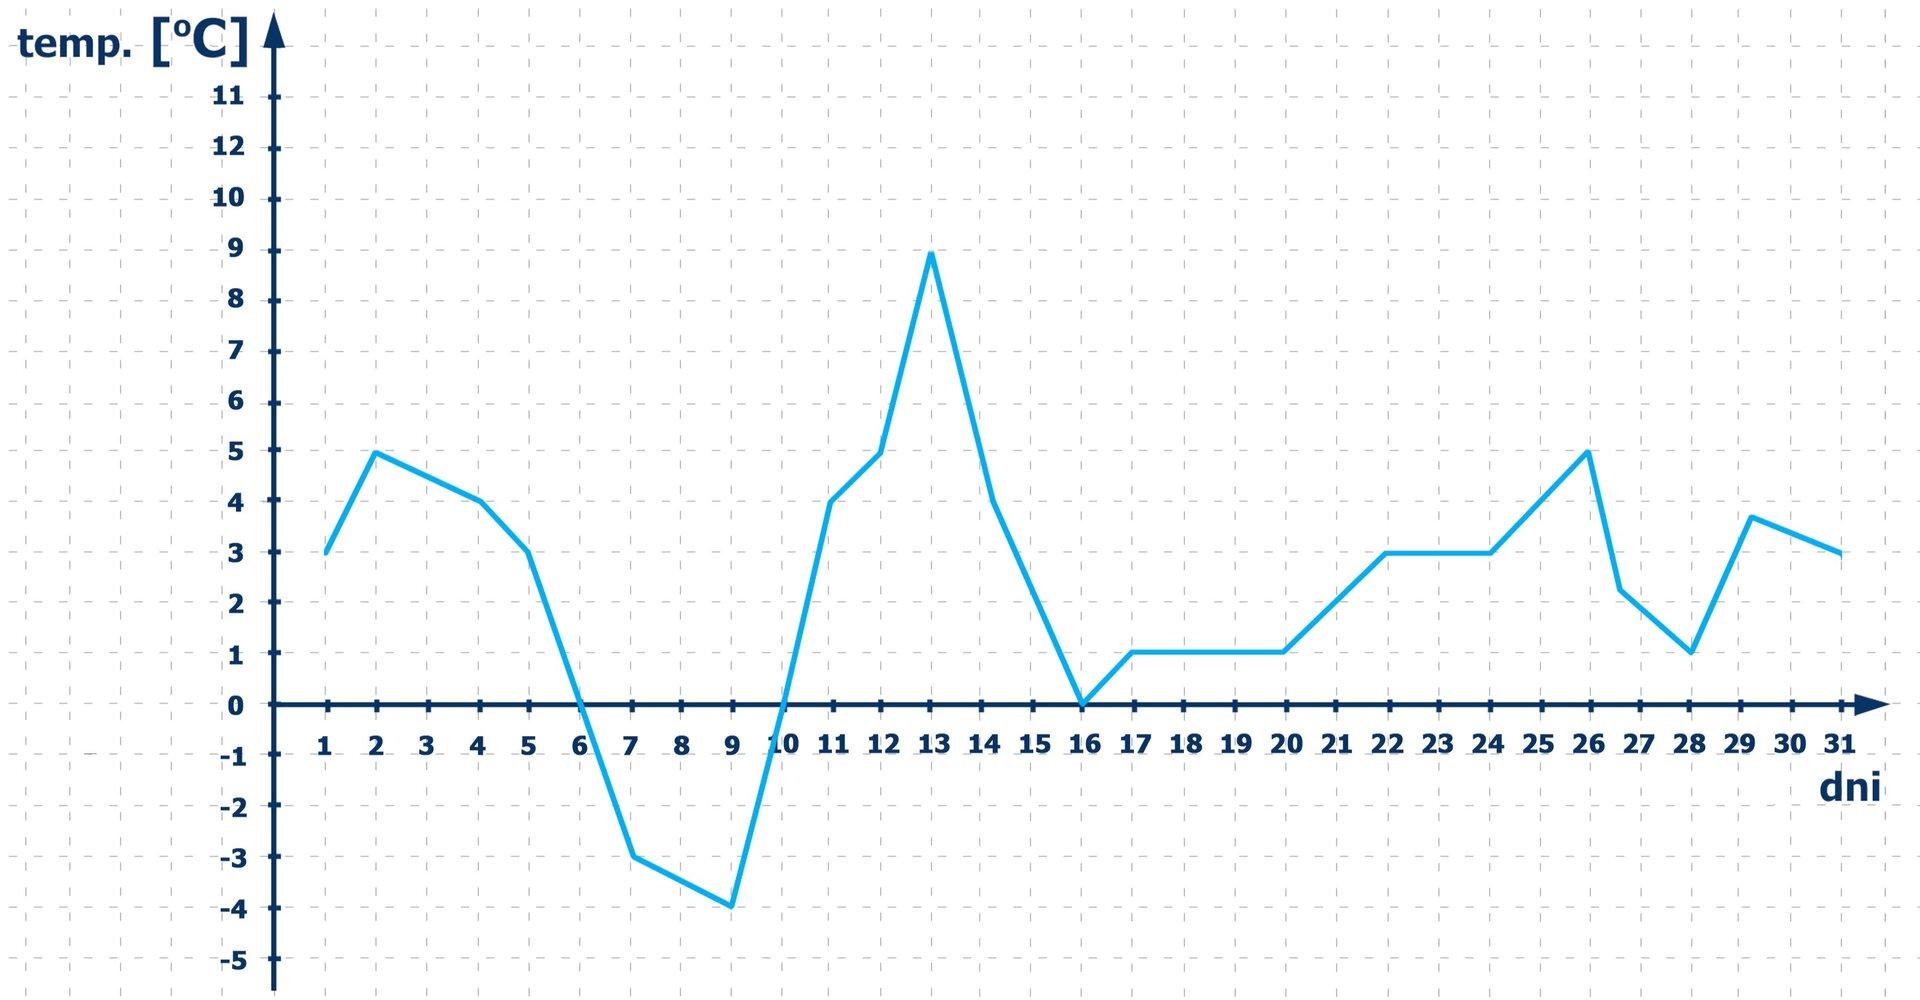 Wykres pokazuje, że wdniach od 1 do 6 marca oraz wdniach od 10 do 31 marca temperatura powietrza była równa 0 stopni Celsjusza lub dodatnia. Wdniach 7, 8, 9 marca temperatura powietrza była ujemna. Temperatura -4 stopnie Celsjusza wdniu 9 marca była najniższa, atemperatura 9 stopni Celsjusza wdniu 13 marca była najwyższa.